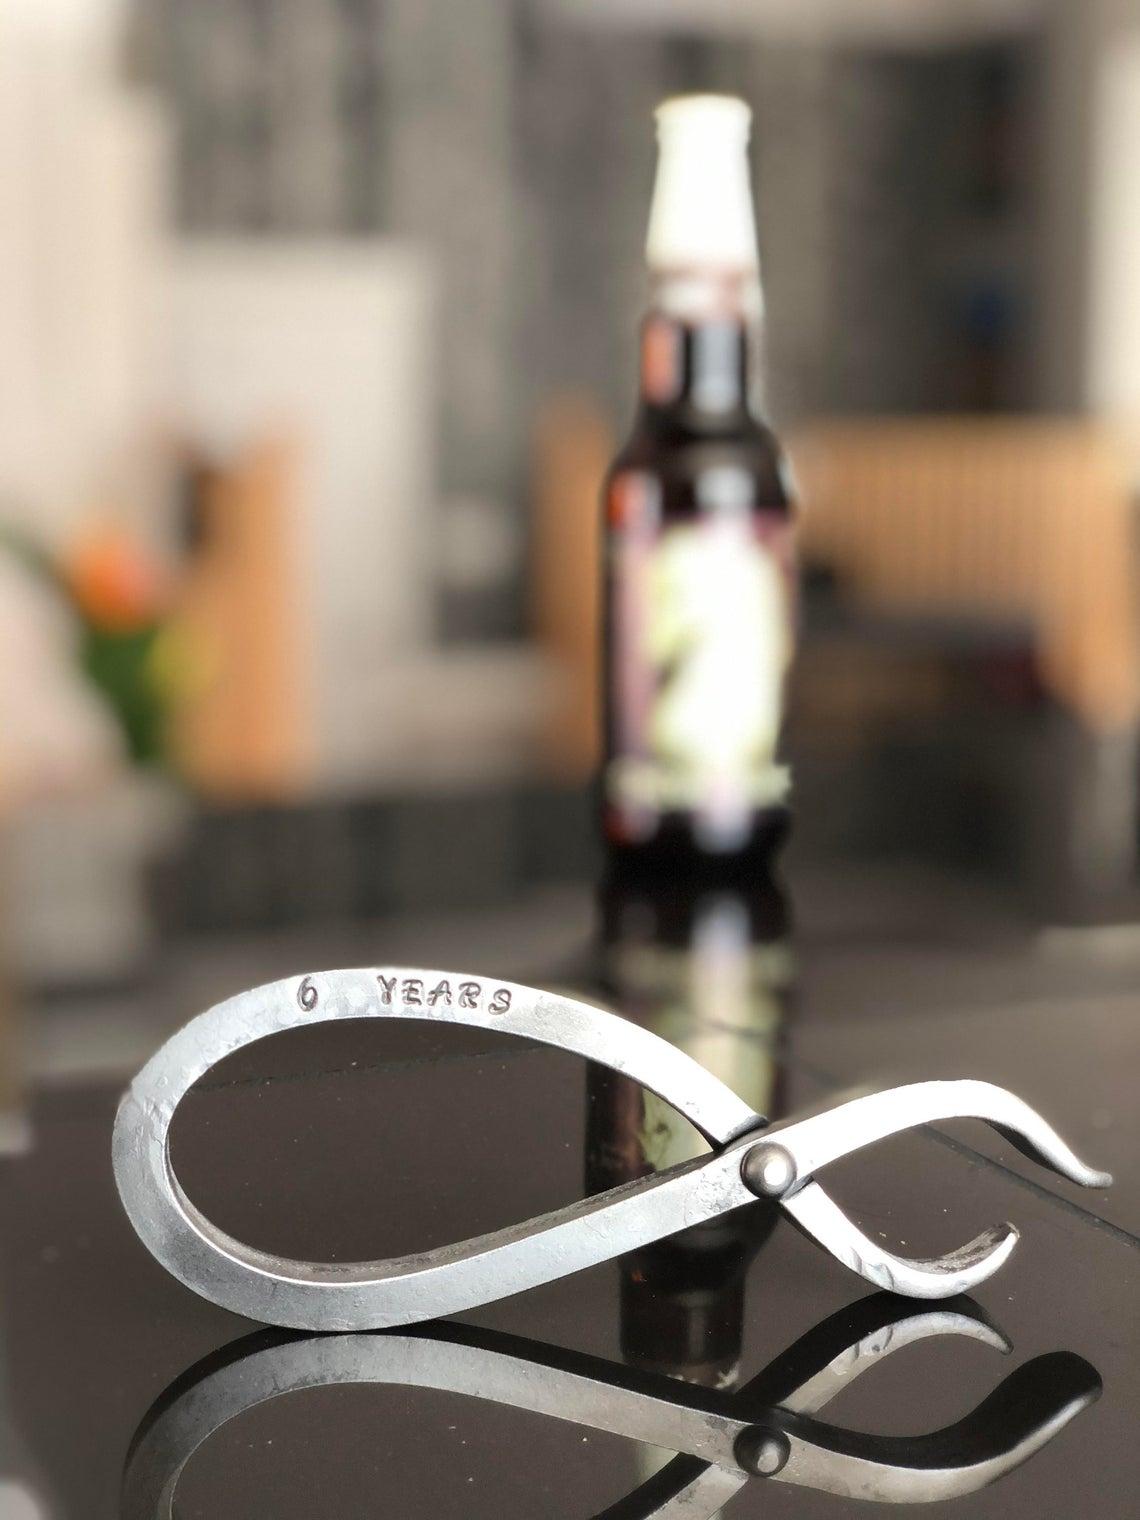 anniversary bottle opener